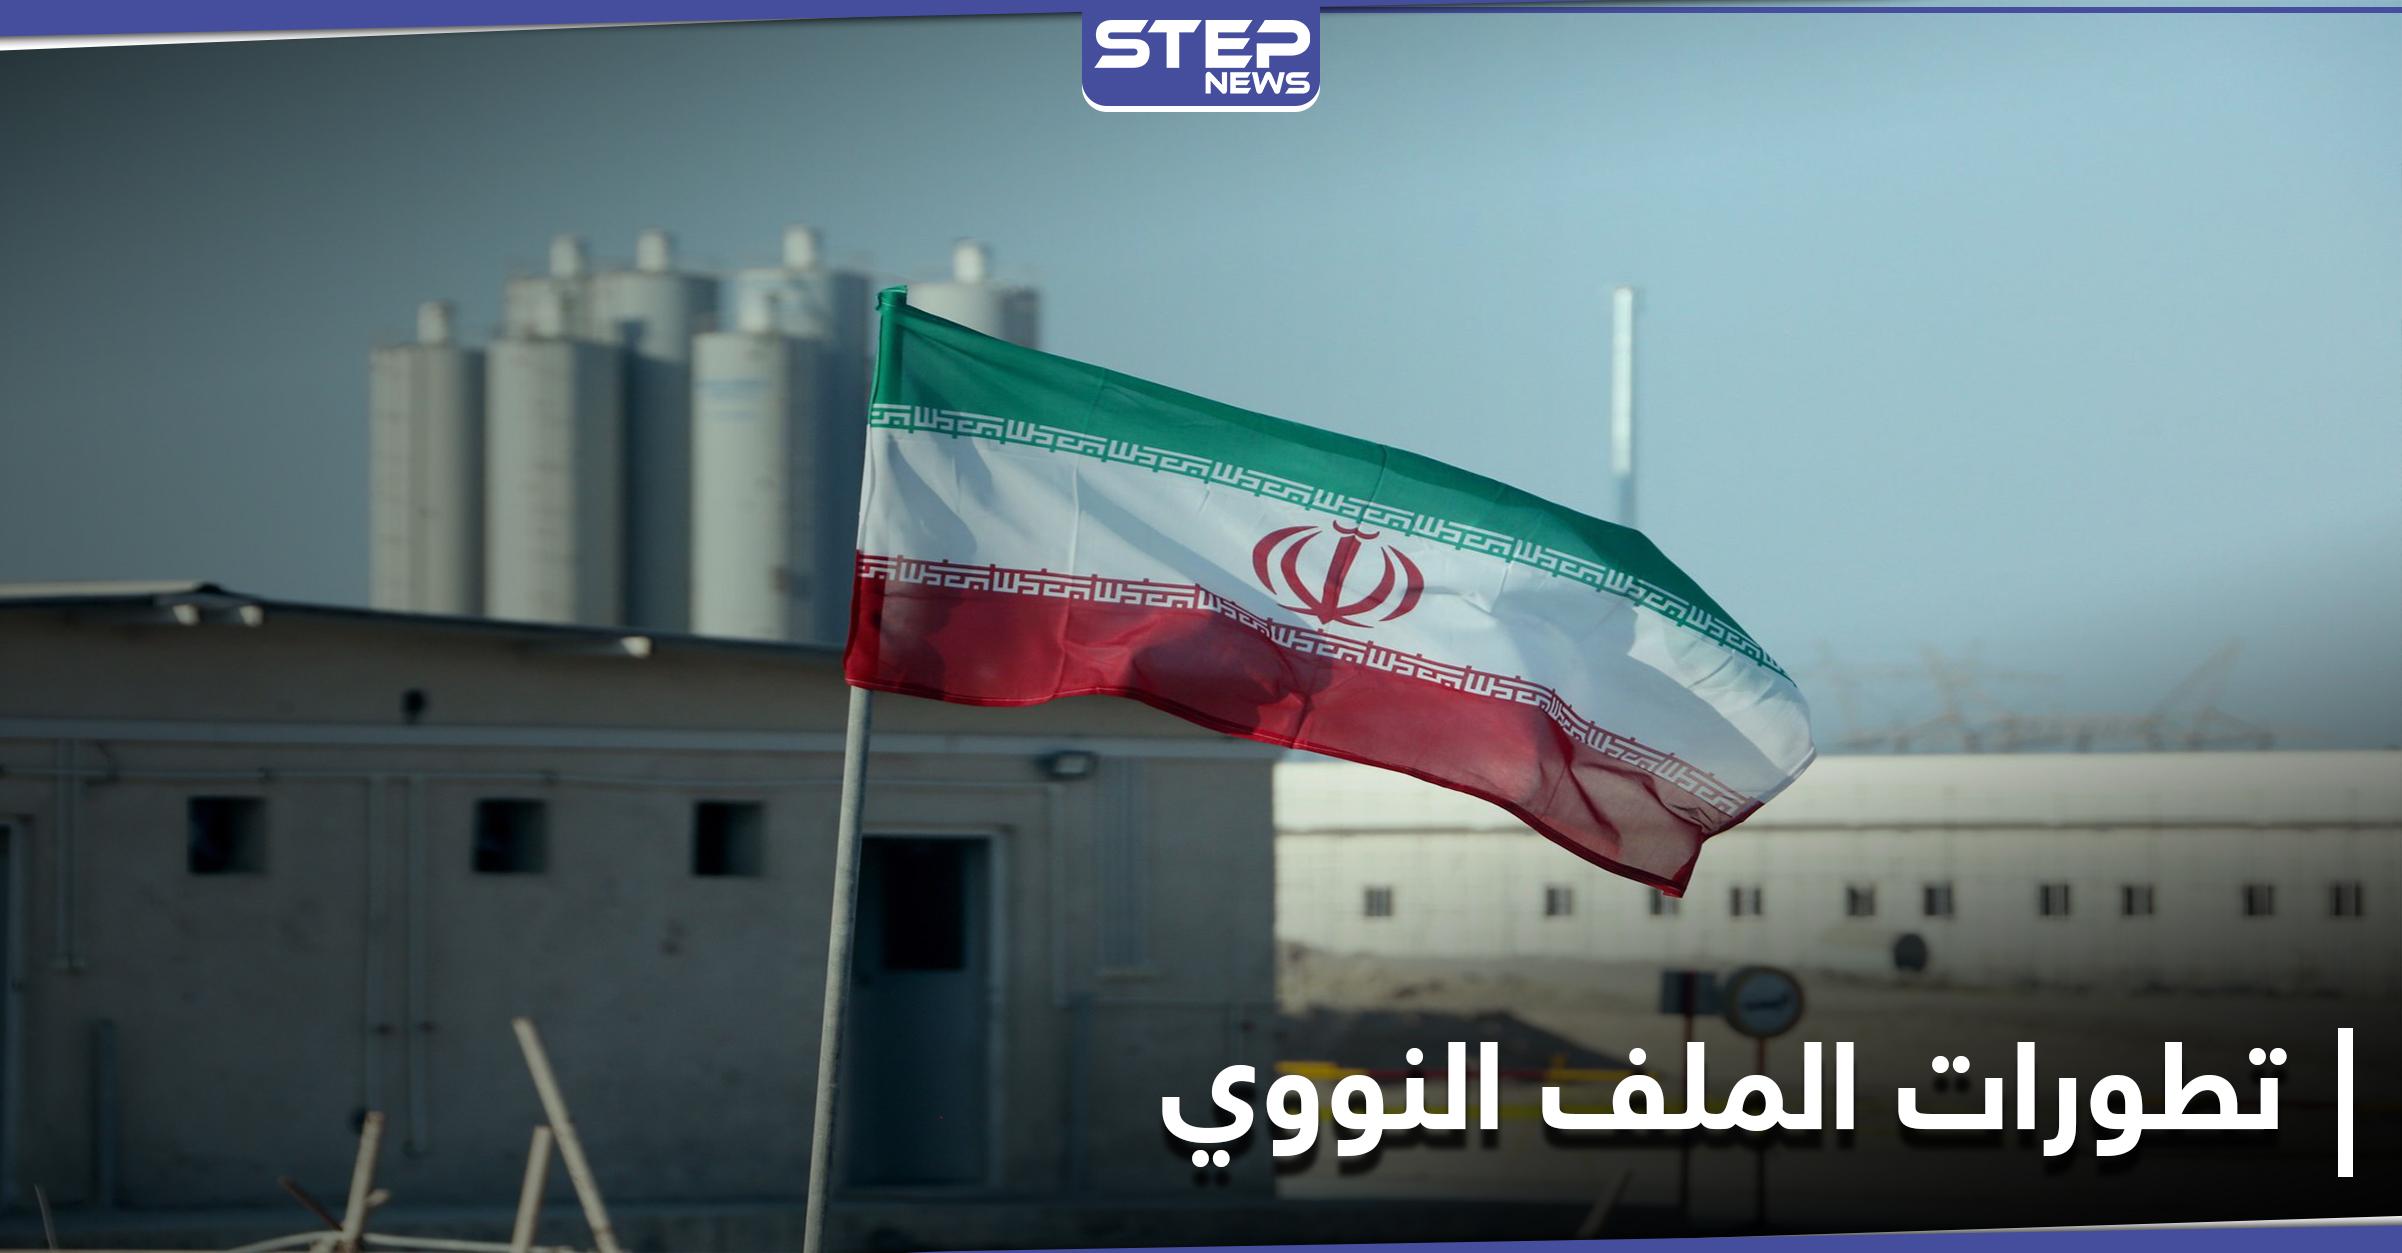 الملف النووي.. دول أوروبية تُلغي مشروع قرار ينتقد إيران والأخيرة تقبل بمبادرة جديدة